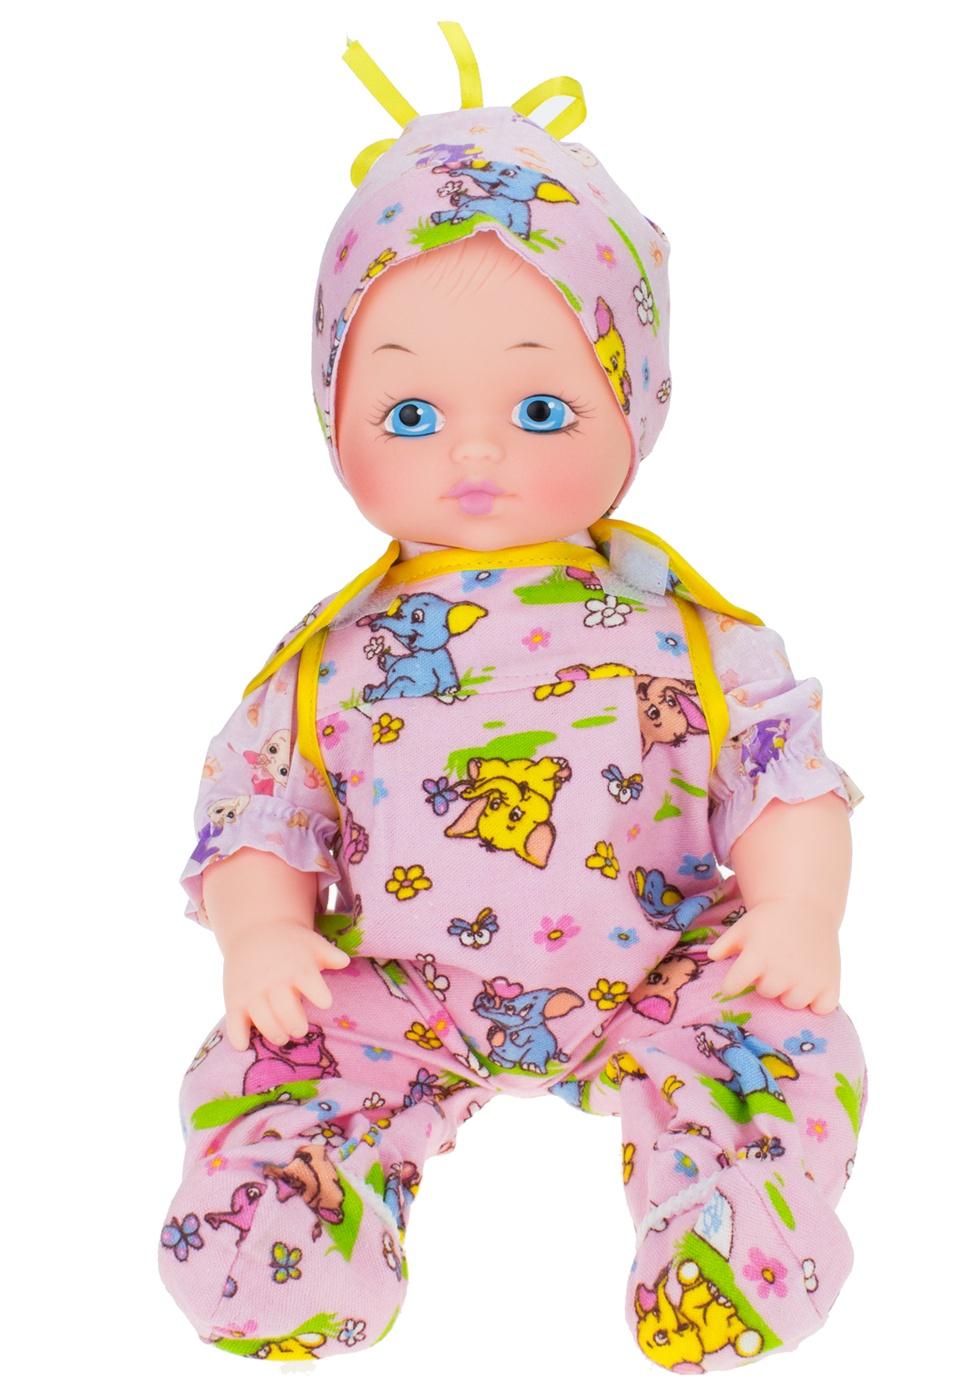 Кукла Мир кукол Кира М1 розовый куклы мир кукол кукла ася пак 35 см